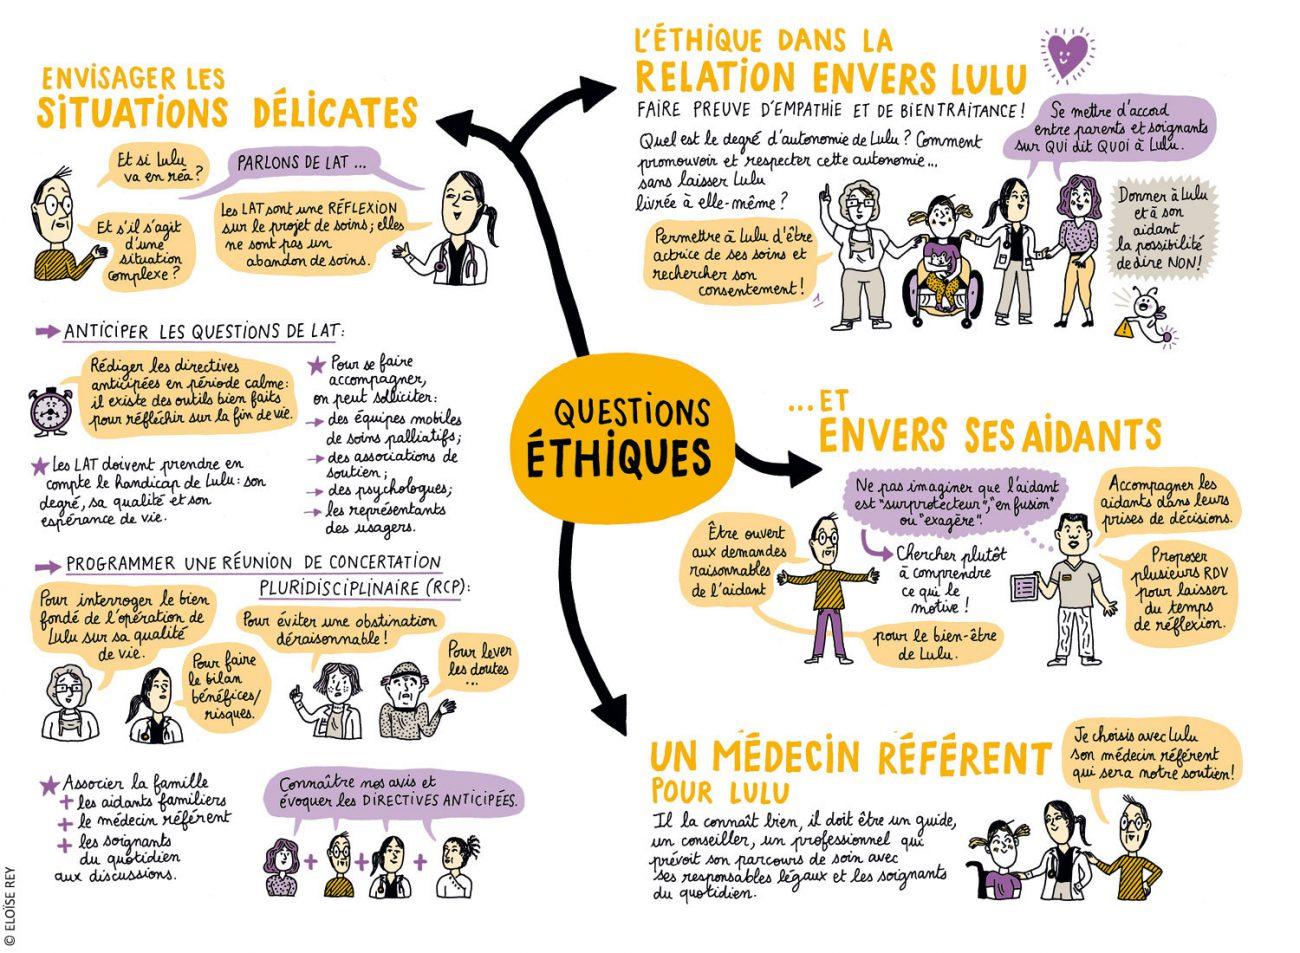 Questions éthiques